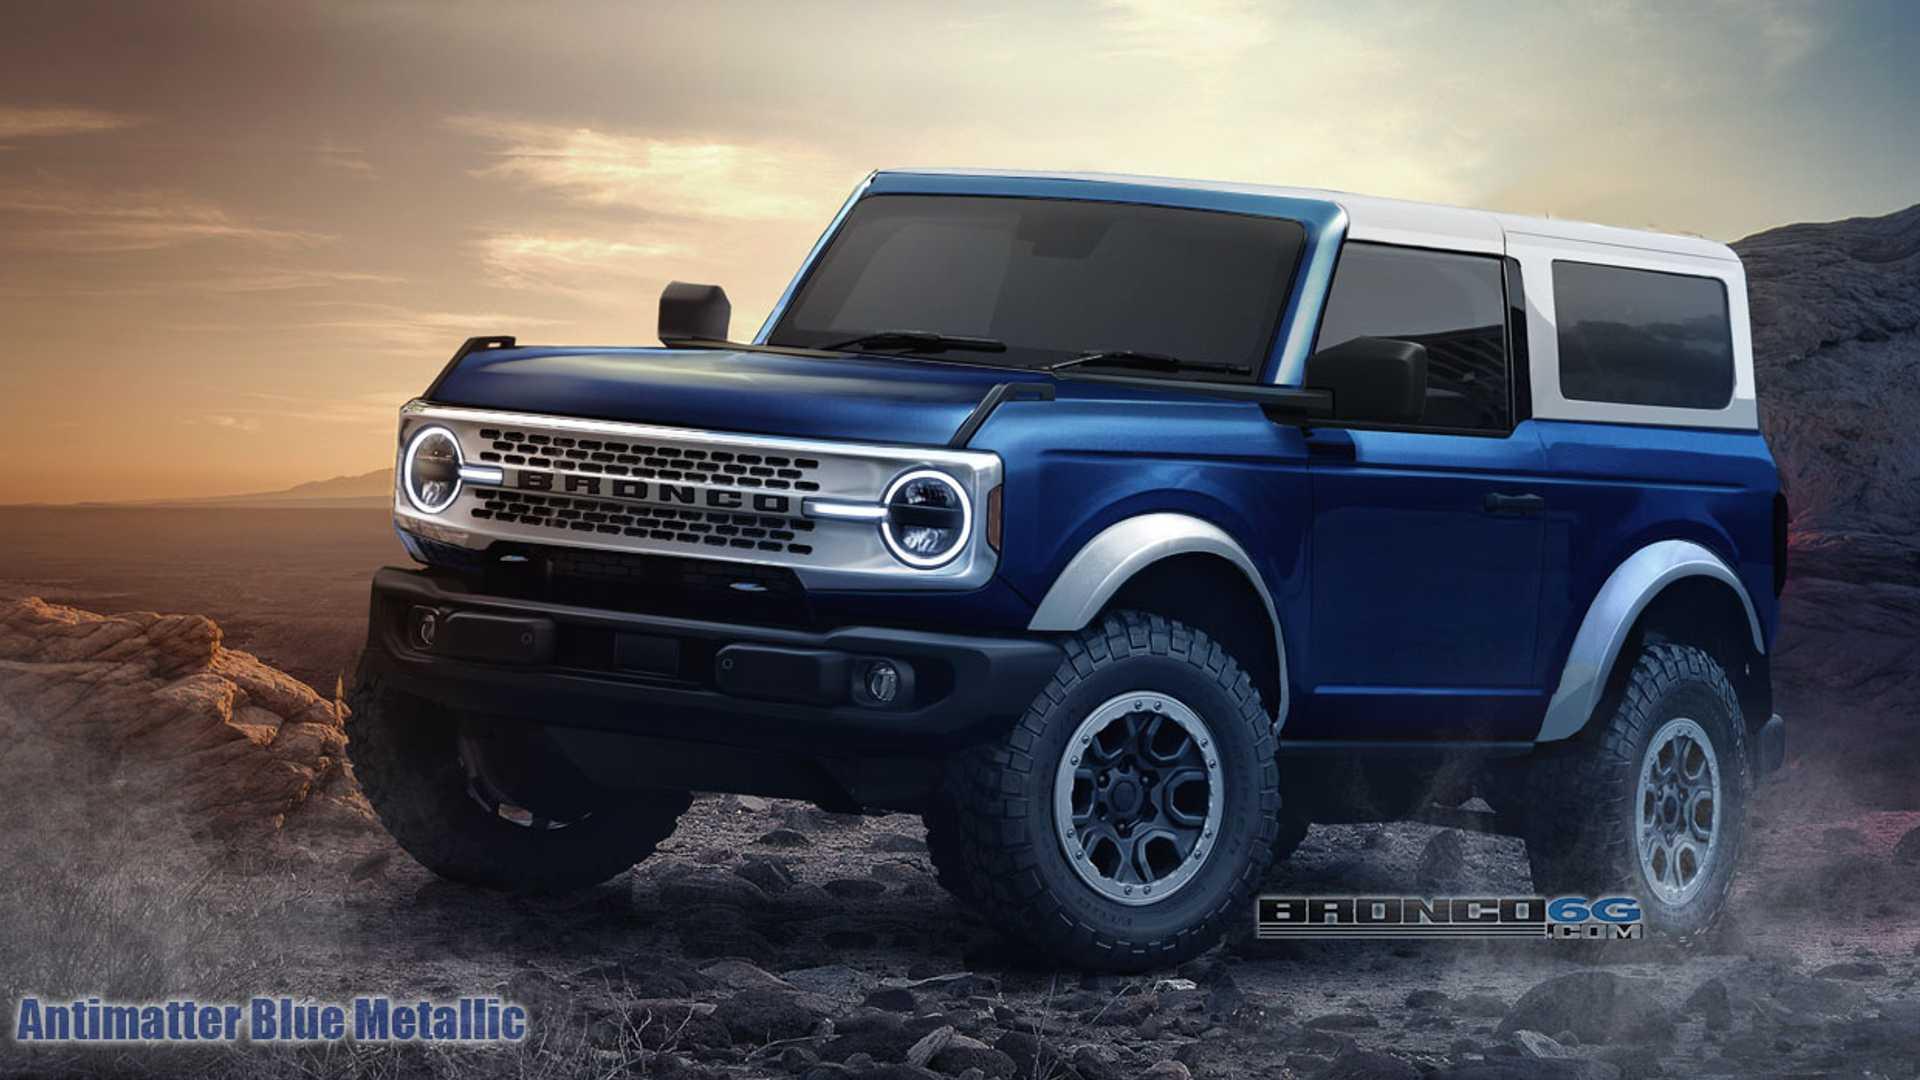 2021 Ford Bronco Renderings Show Off Colors In 2 4 Door Flavors